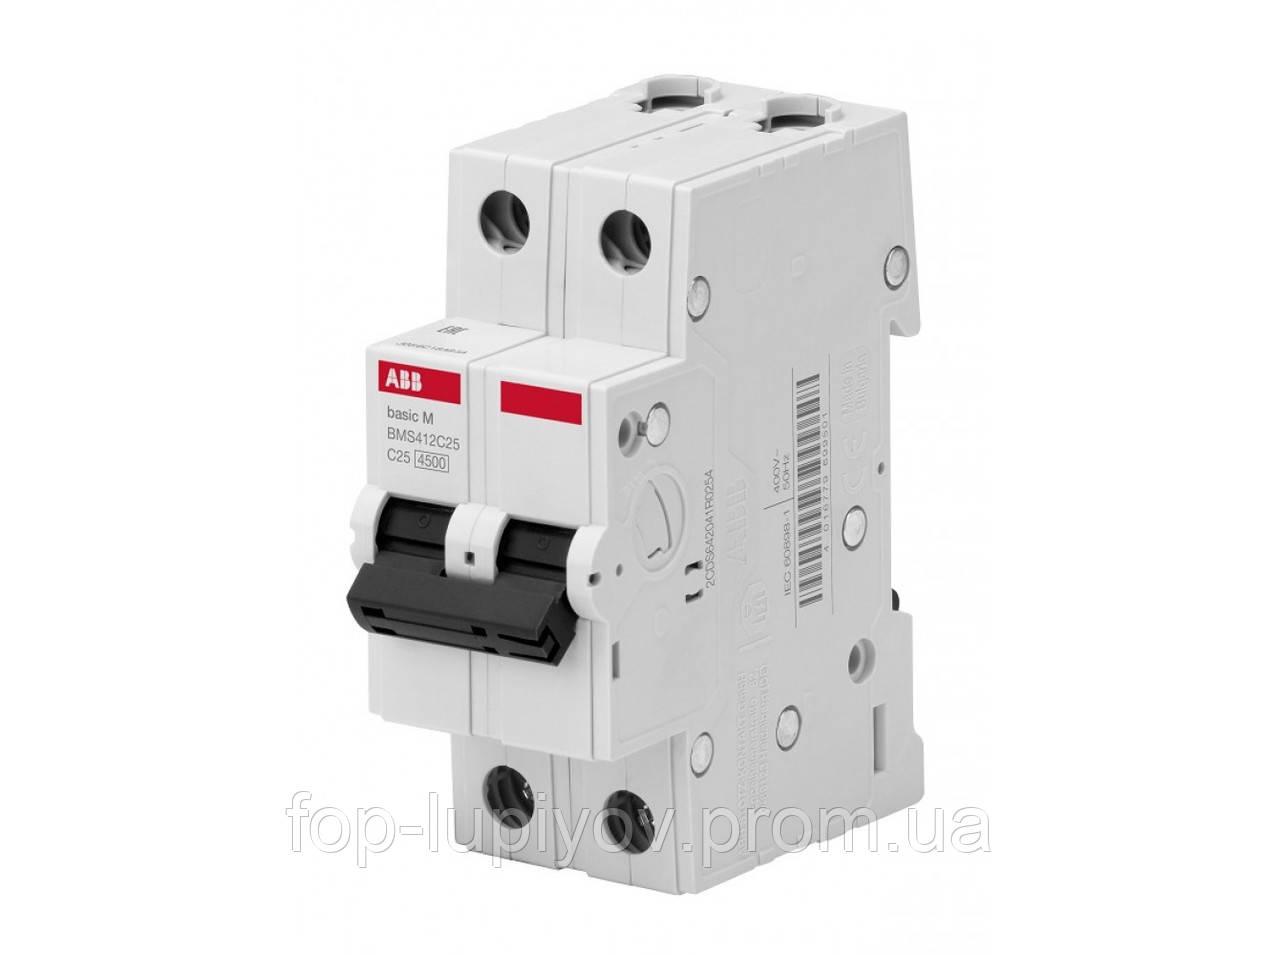 Автоматический выключатель BMS412C32, 2Р 32А 4.5 кА х-ка C, ABB